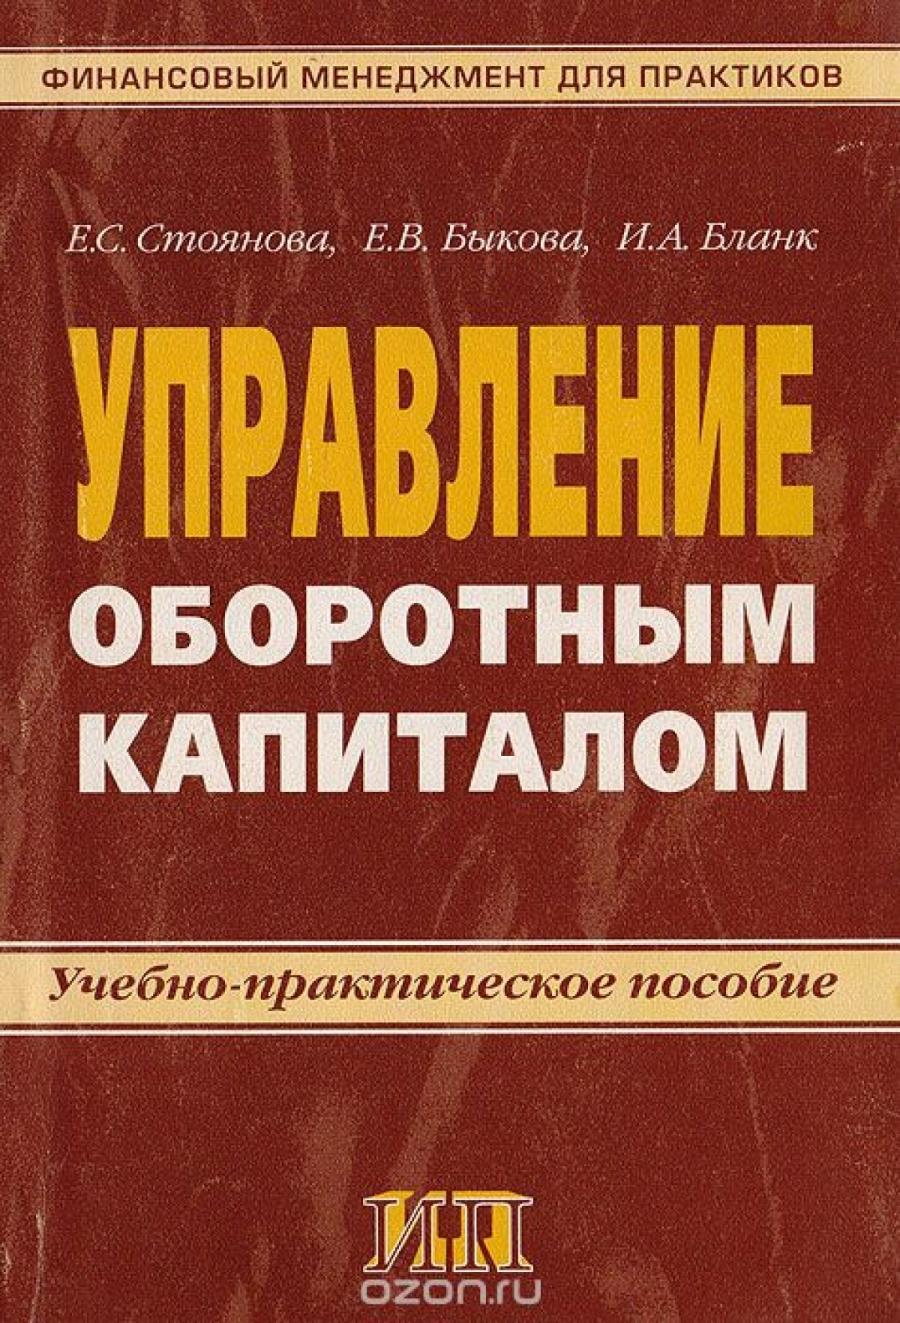 Обложка книги:  стоянова е.с - управление оборотным капиталом